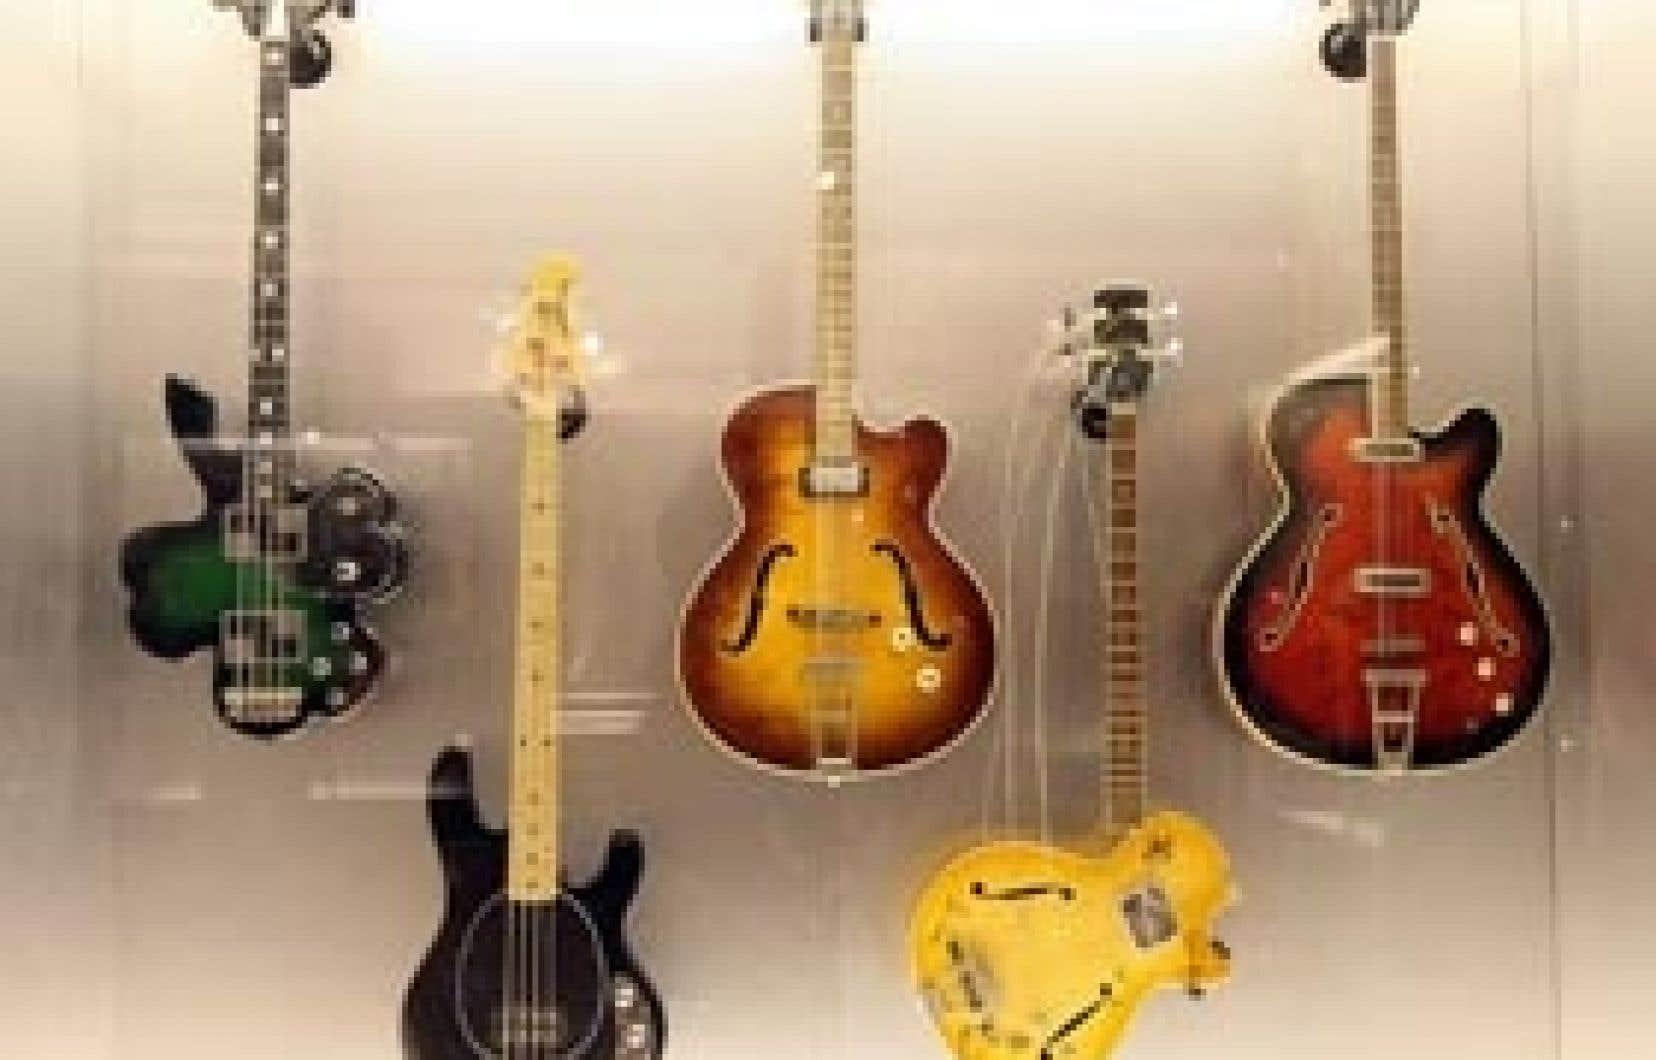 Le Salon de guitare est l'endroit tout indiqué pour toucher, essayer ou encore acheter des instruments fabriqués à la main.